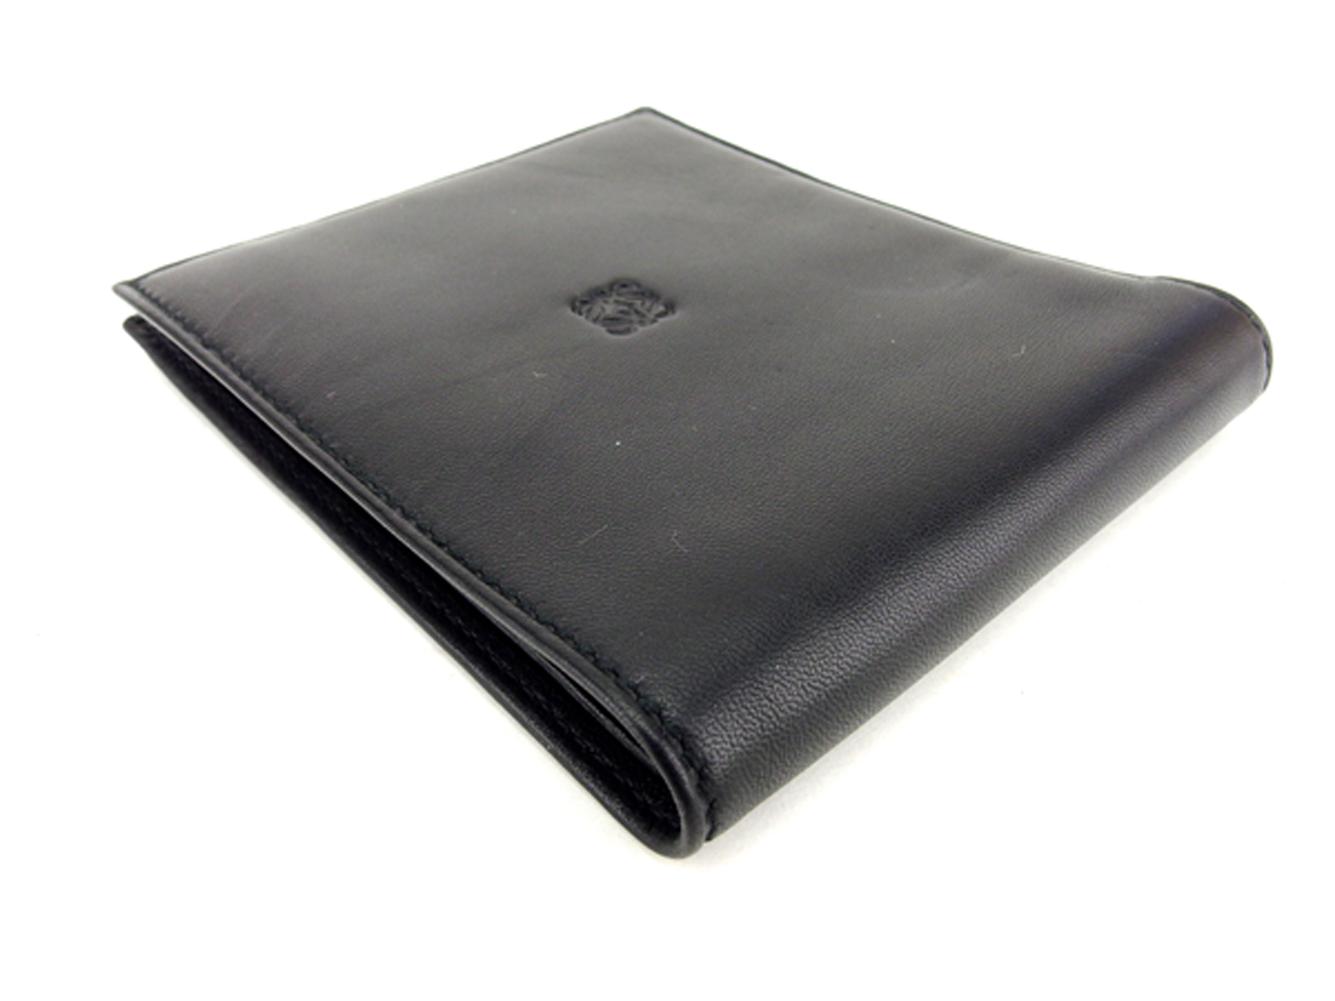 68b1765f8320 財布 メンズ】 ロエベ LOEWE 二つ折り 札入れ メンズ グッチ 財布 ...